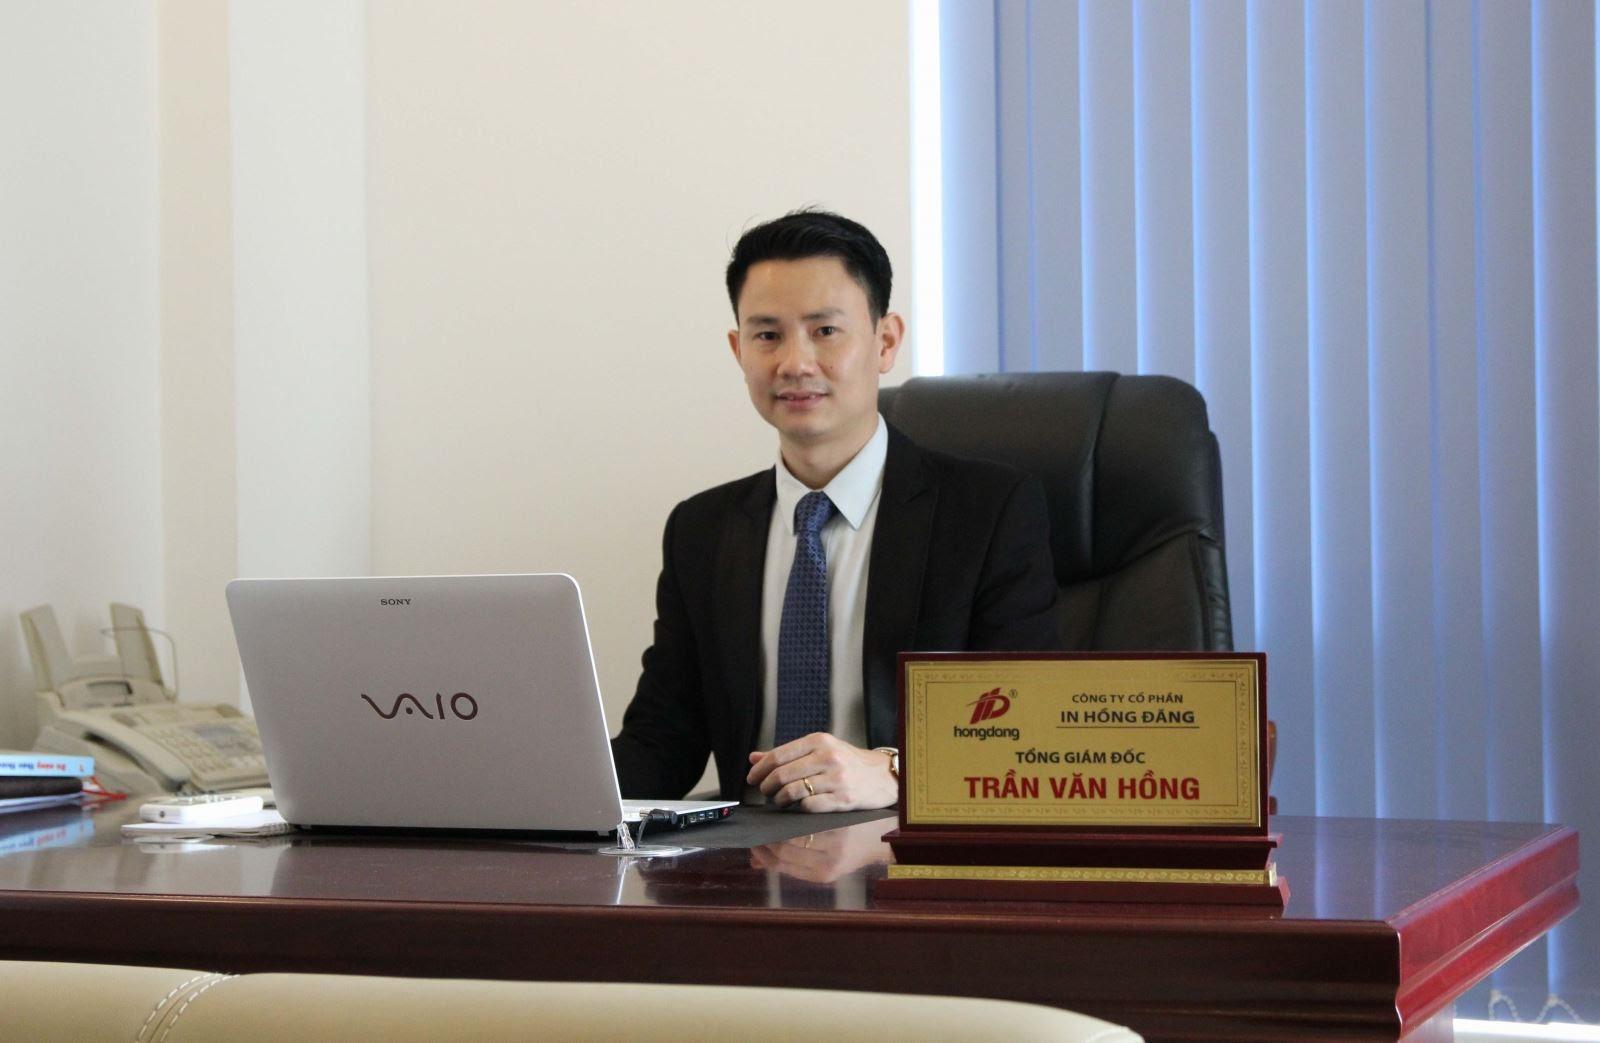 Ông Trần Văn Hồng - Giám đốc Công ty Cổ phần in Hồng Đăng